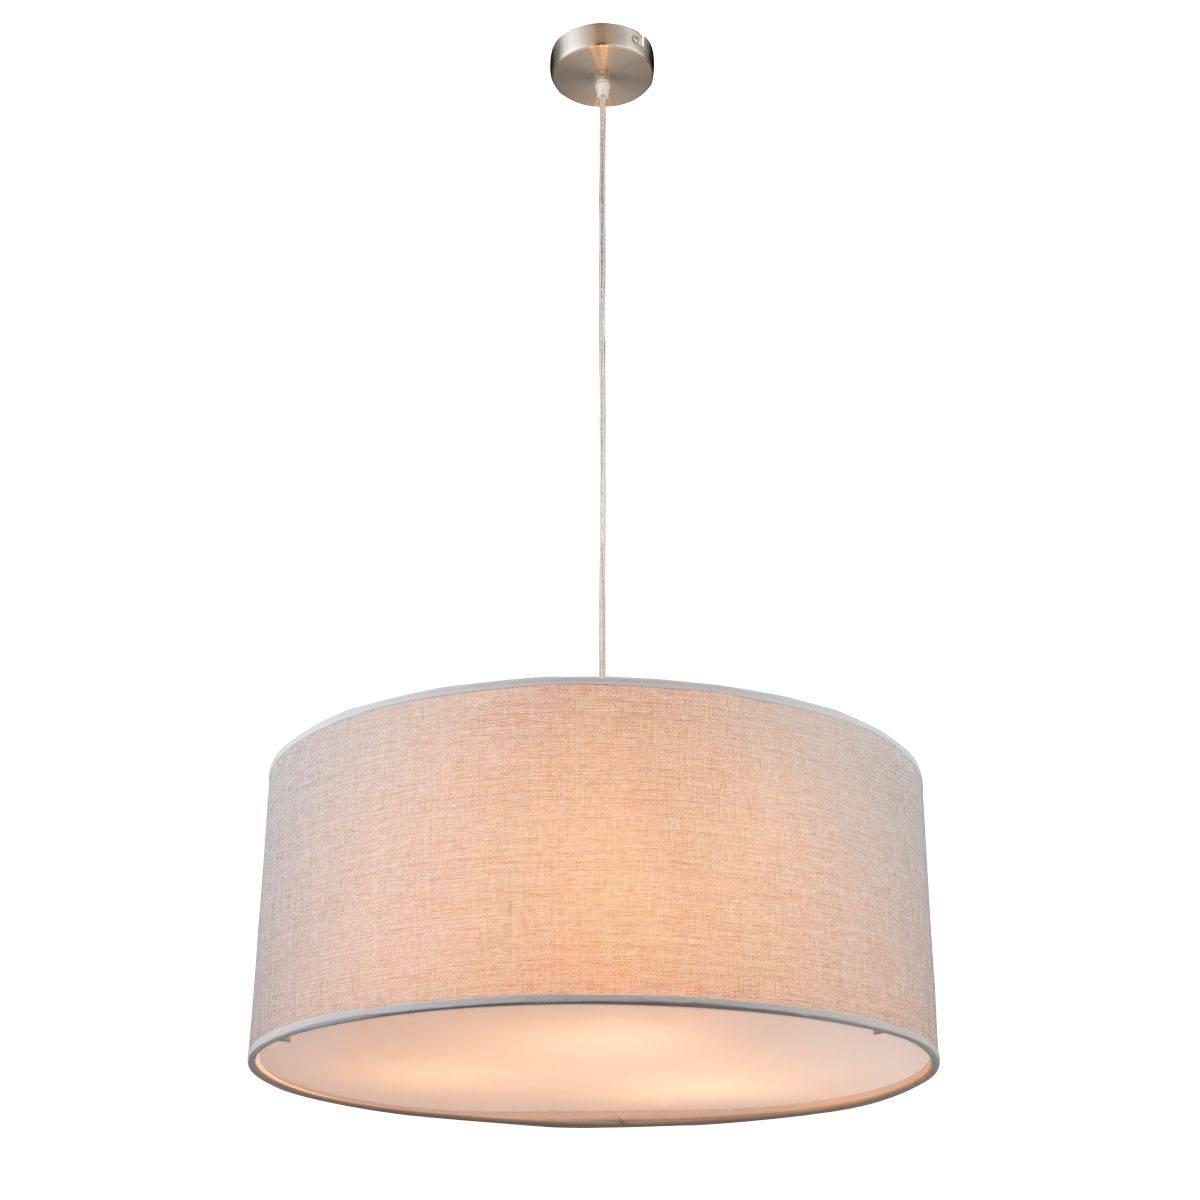 Купить Подвесной светильник Globo Paco, inmyroom, Австрия